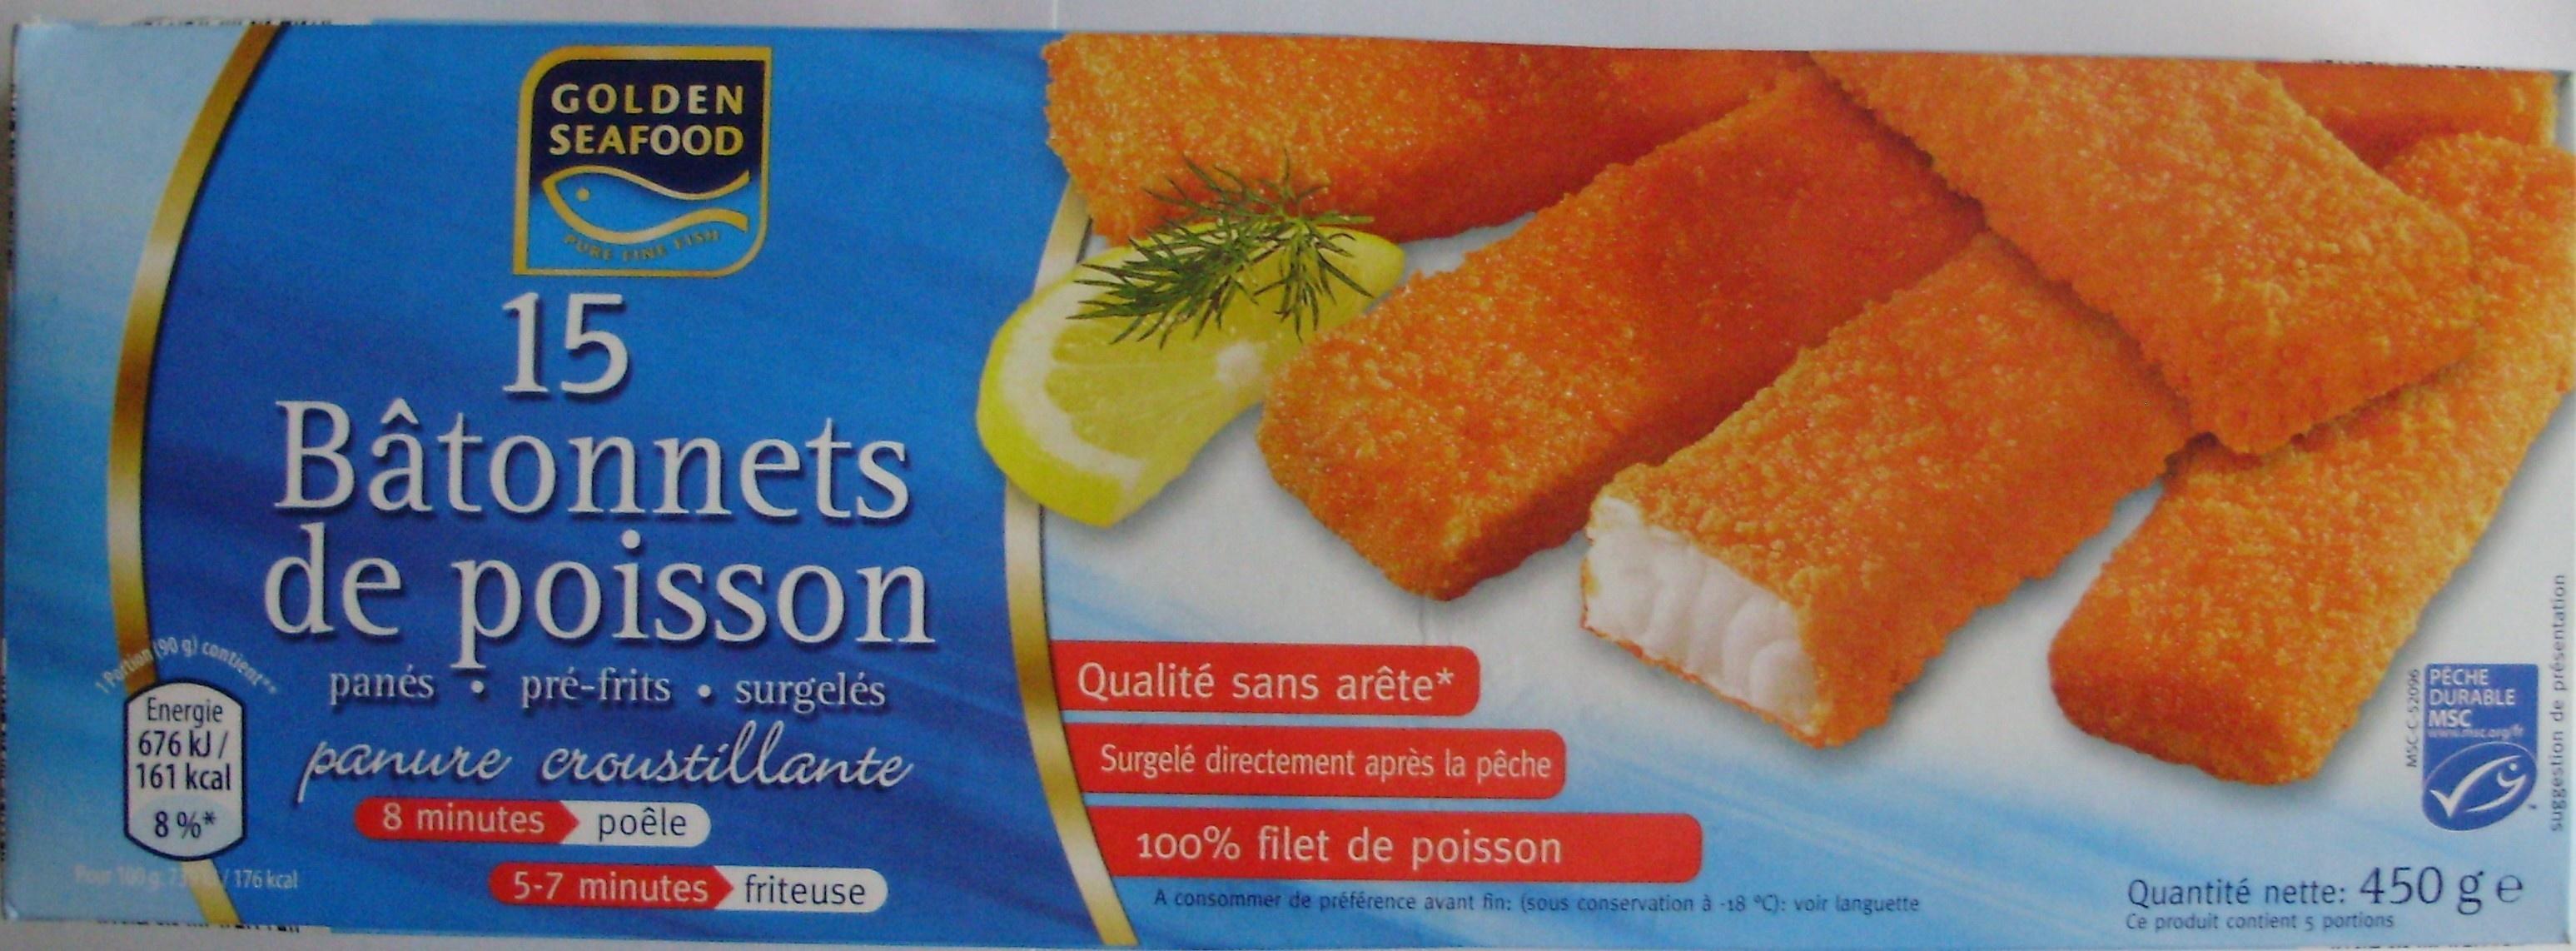 15 Bâtonnets de poisson (panés, pré-frits, surgelés) - Product - fr